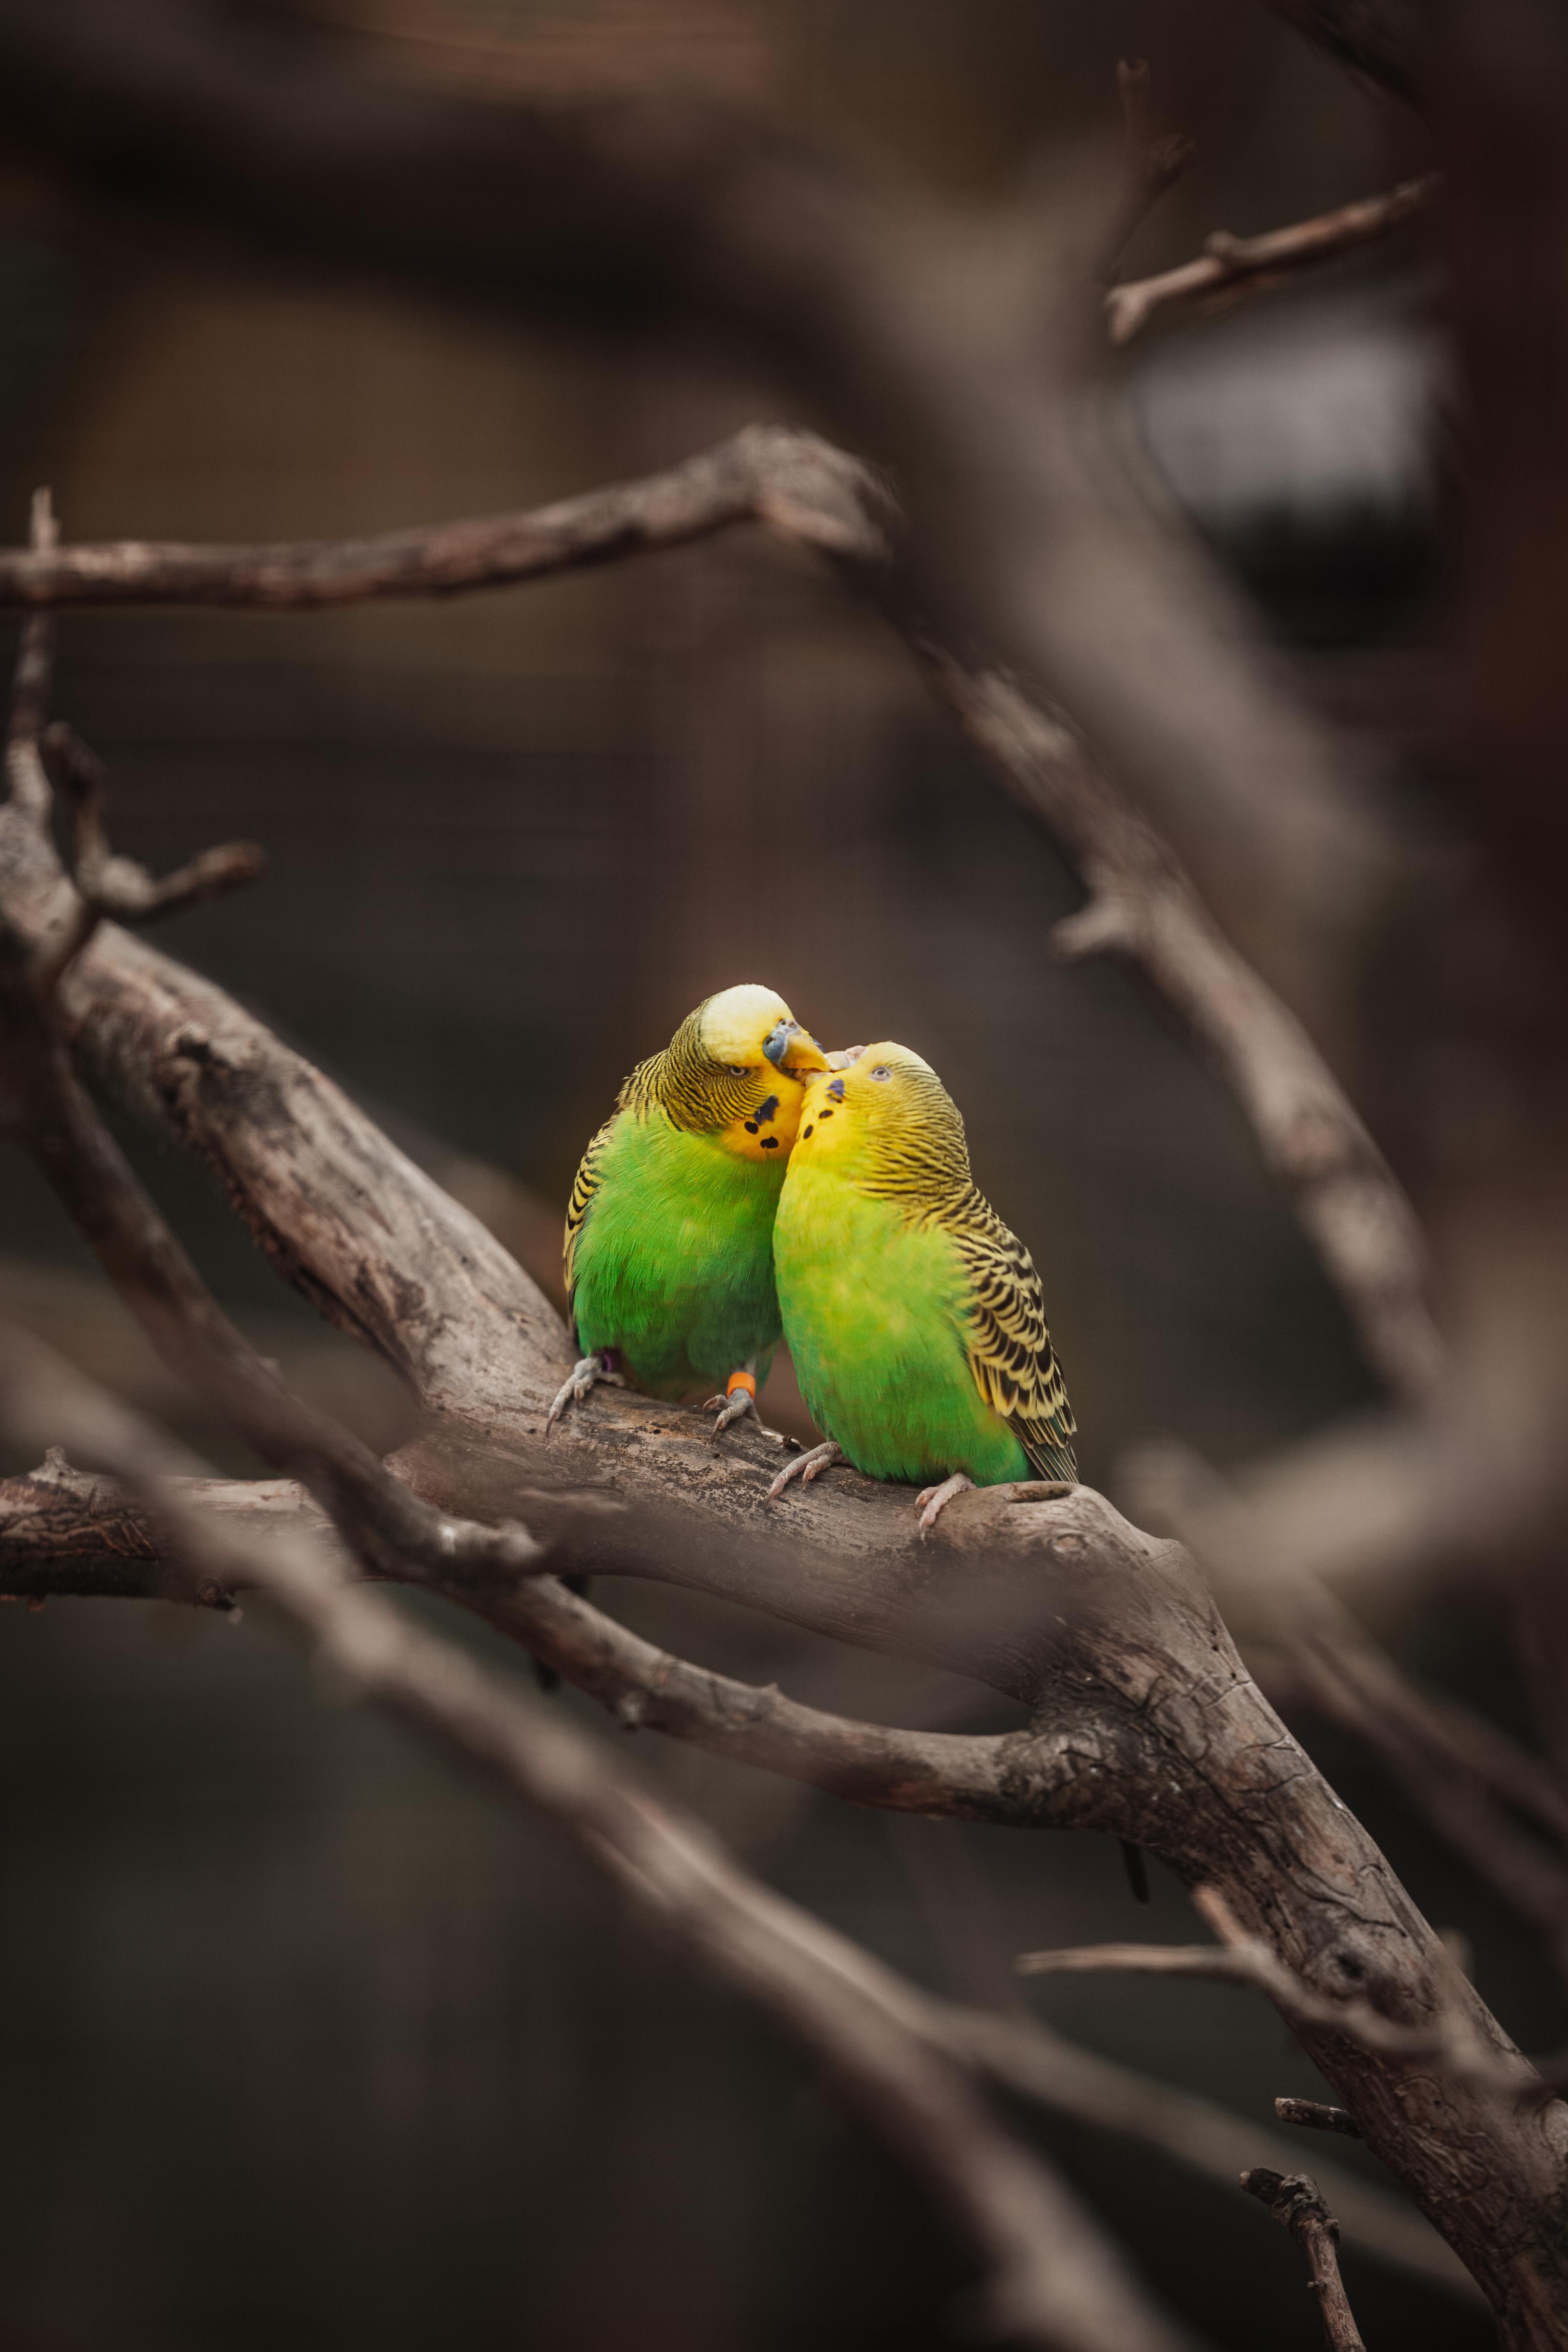 113471 Заставки и Обои Попугаи на телефон. Скачать Поцелуй, Попугаи, Животные, Птицы, Ветки, Волнистые Попугаи картинки бесплатно